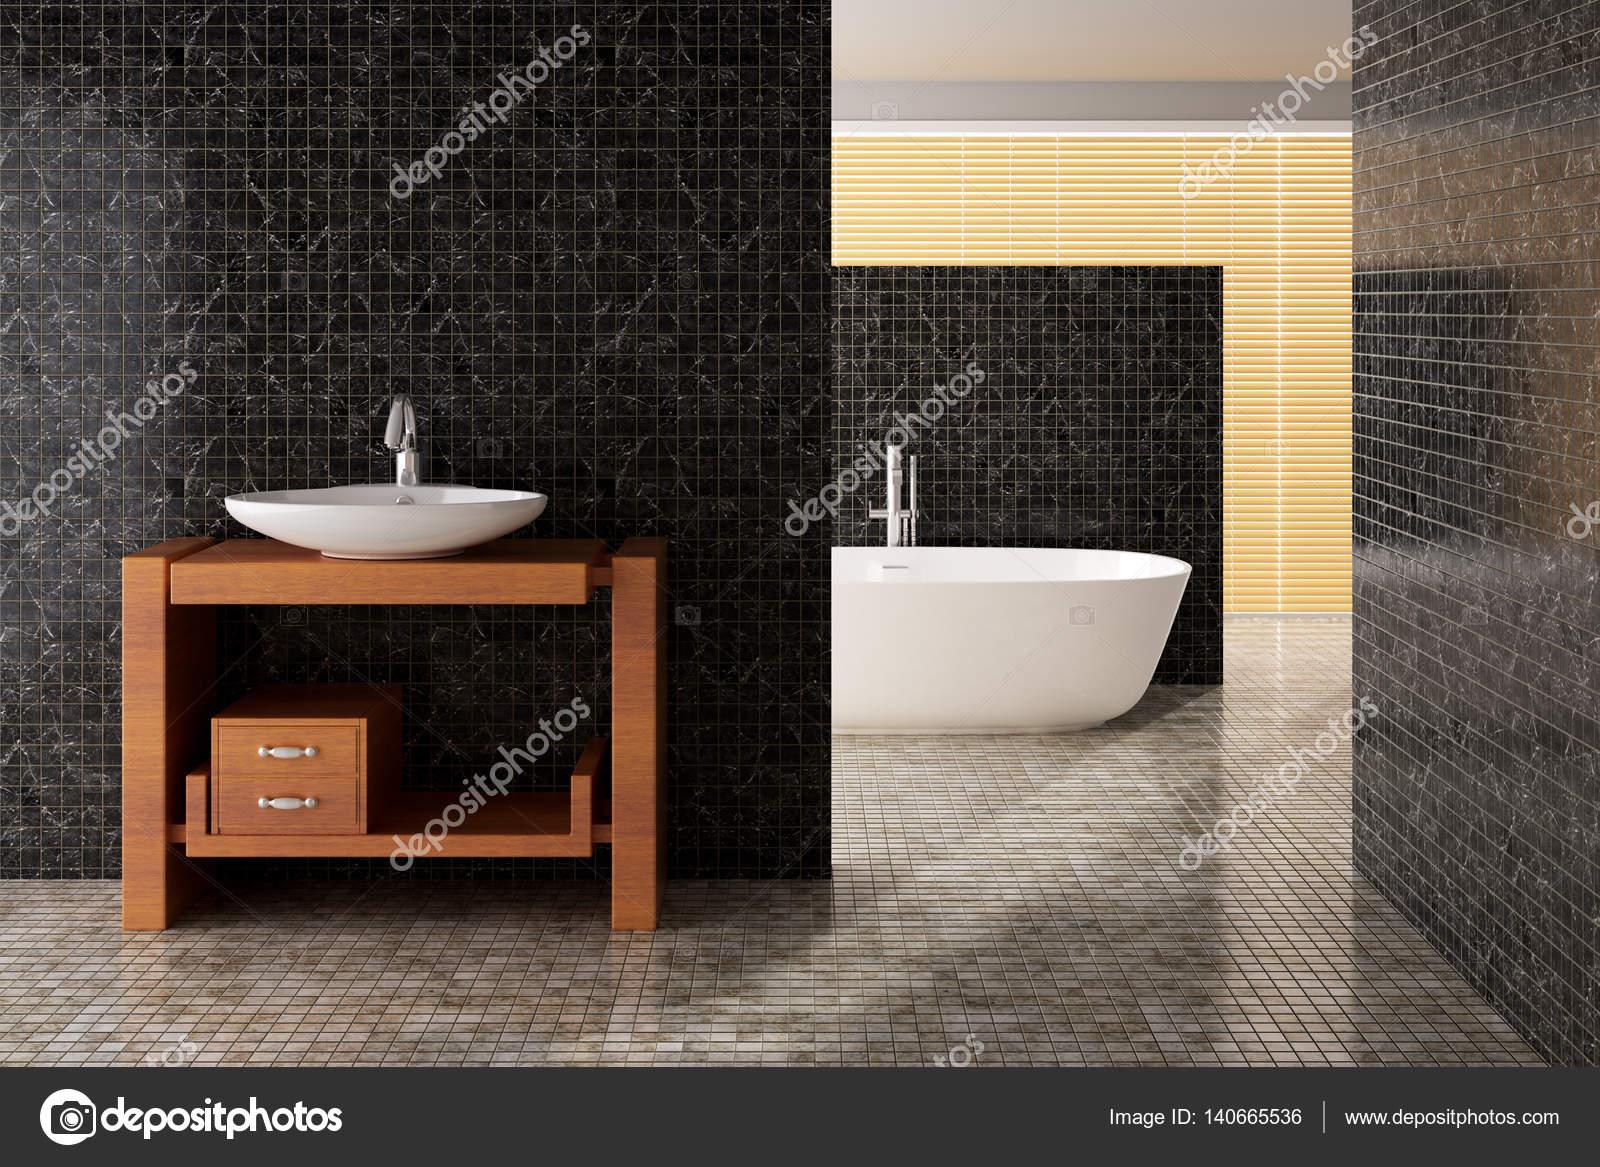 Moderne badkamer met ligbad en wastafel u stockfoto toncsi